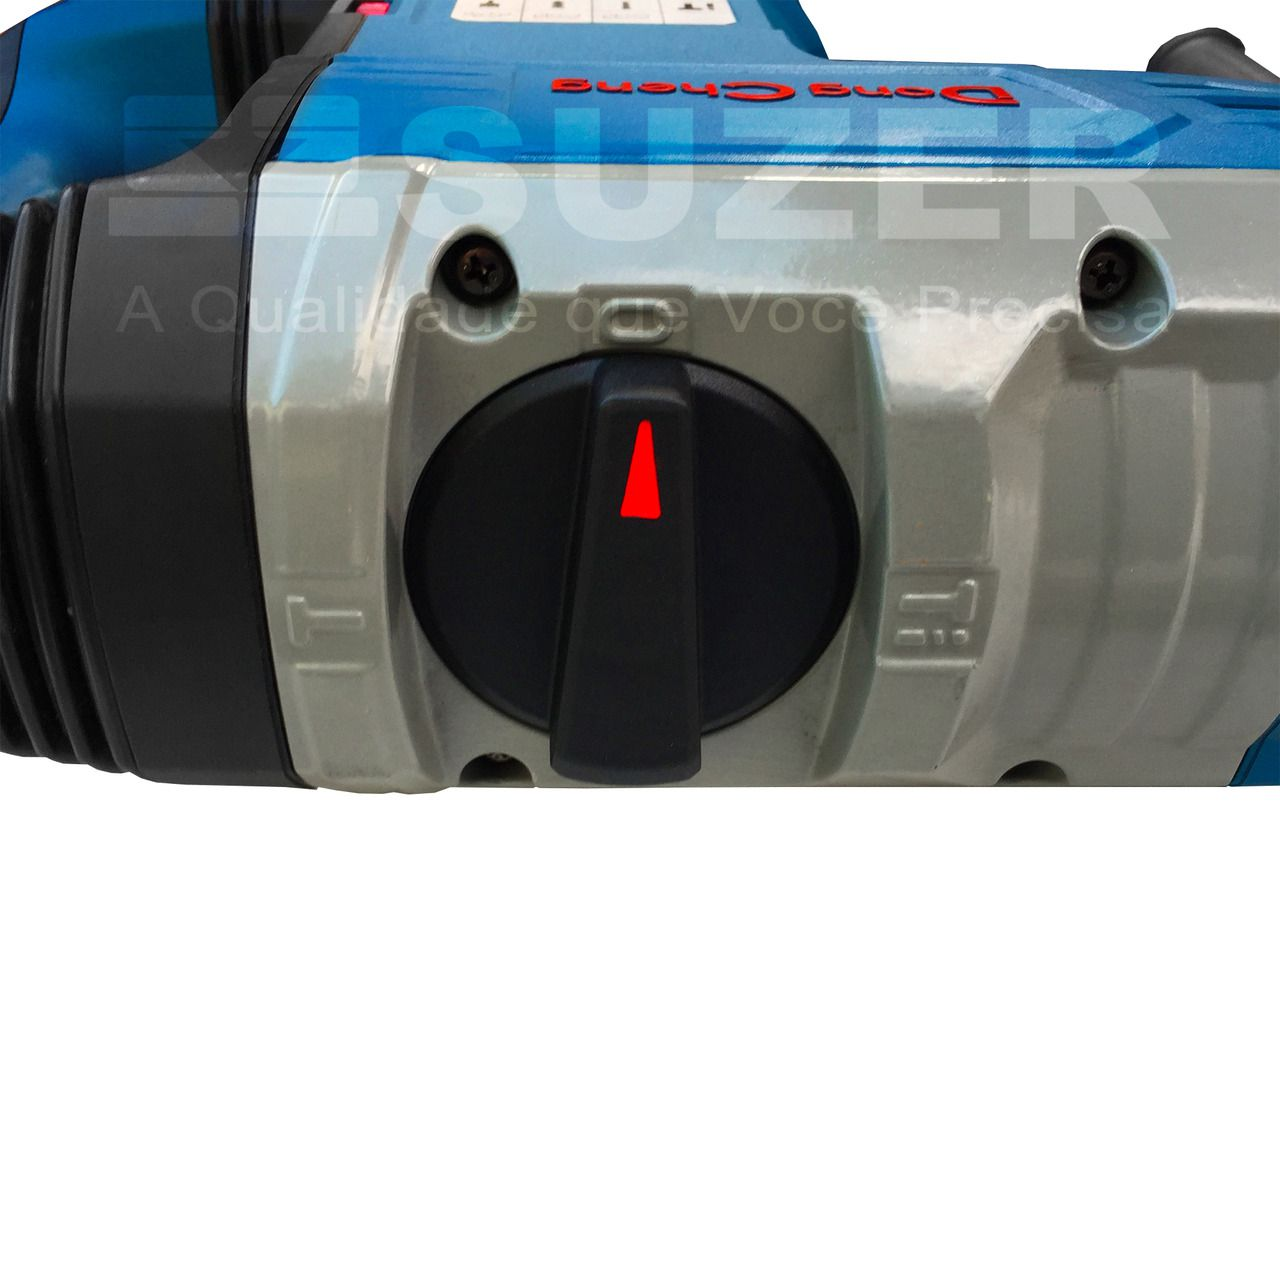 Martelo Perfurador E Rompedor 8 Kilos Sds Max 1500w 220v